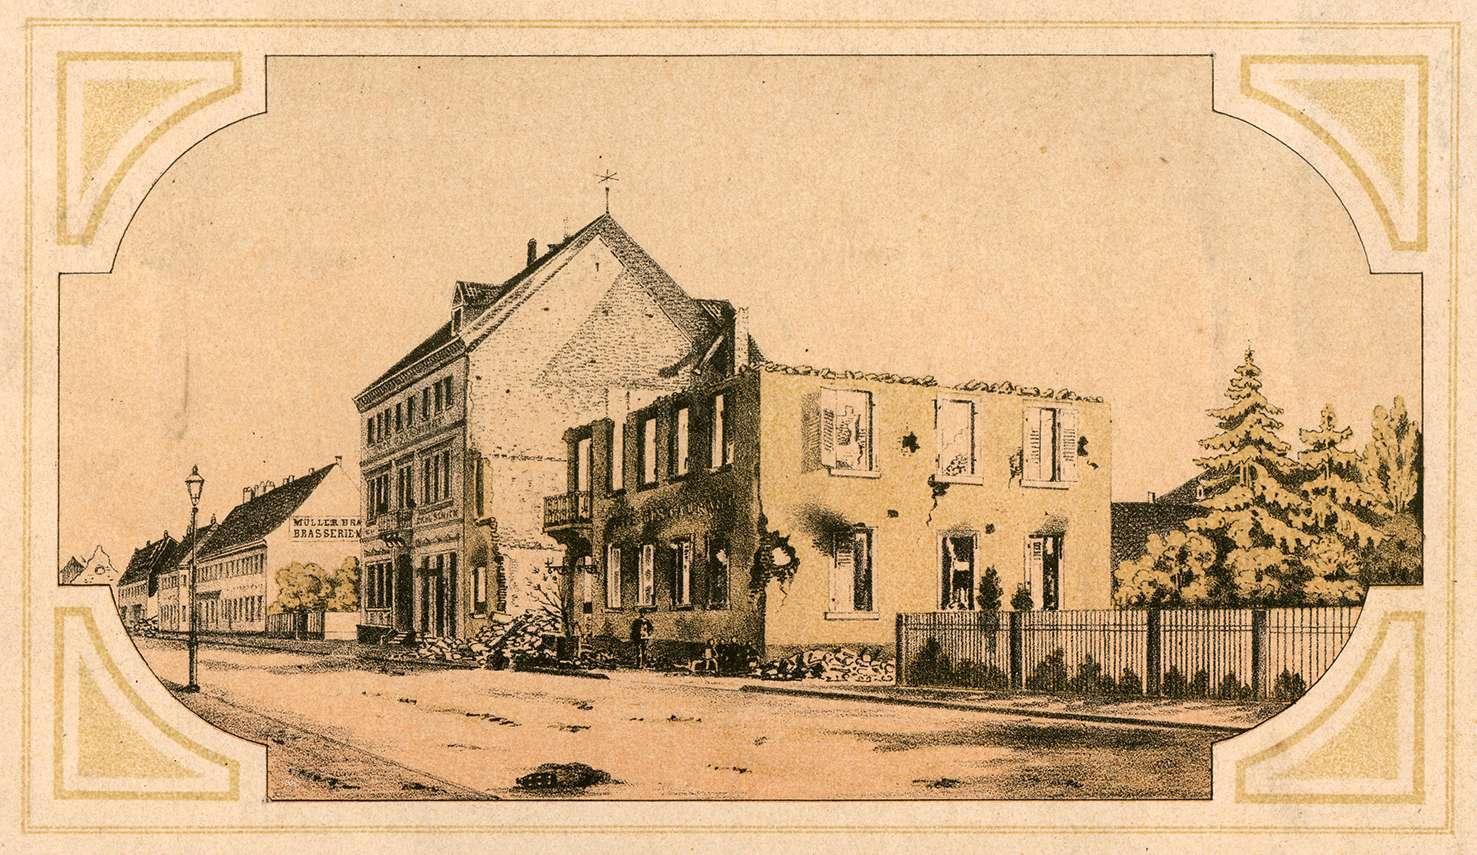 Gasthof zum Salmen von A. Bent in Kehl a. Rhein nach dem Bombardement 19. August 1870, Bild 1